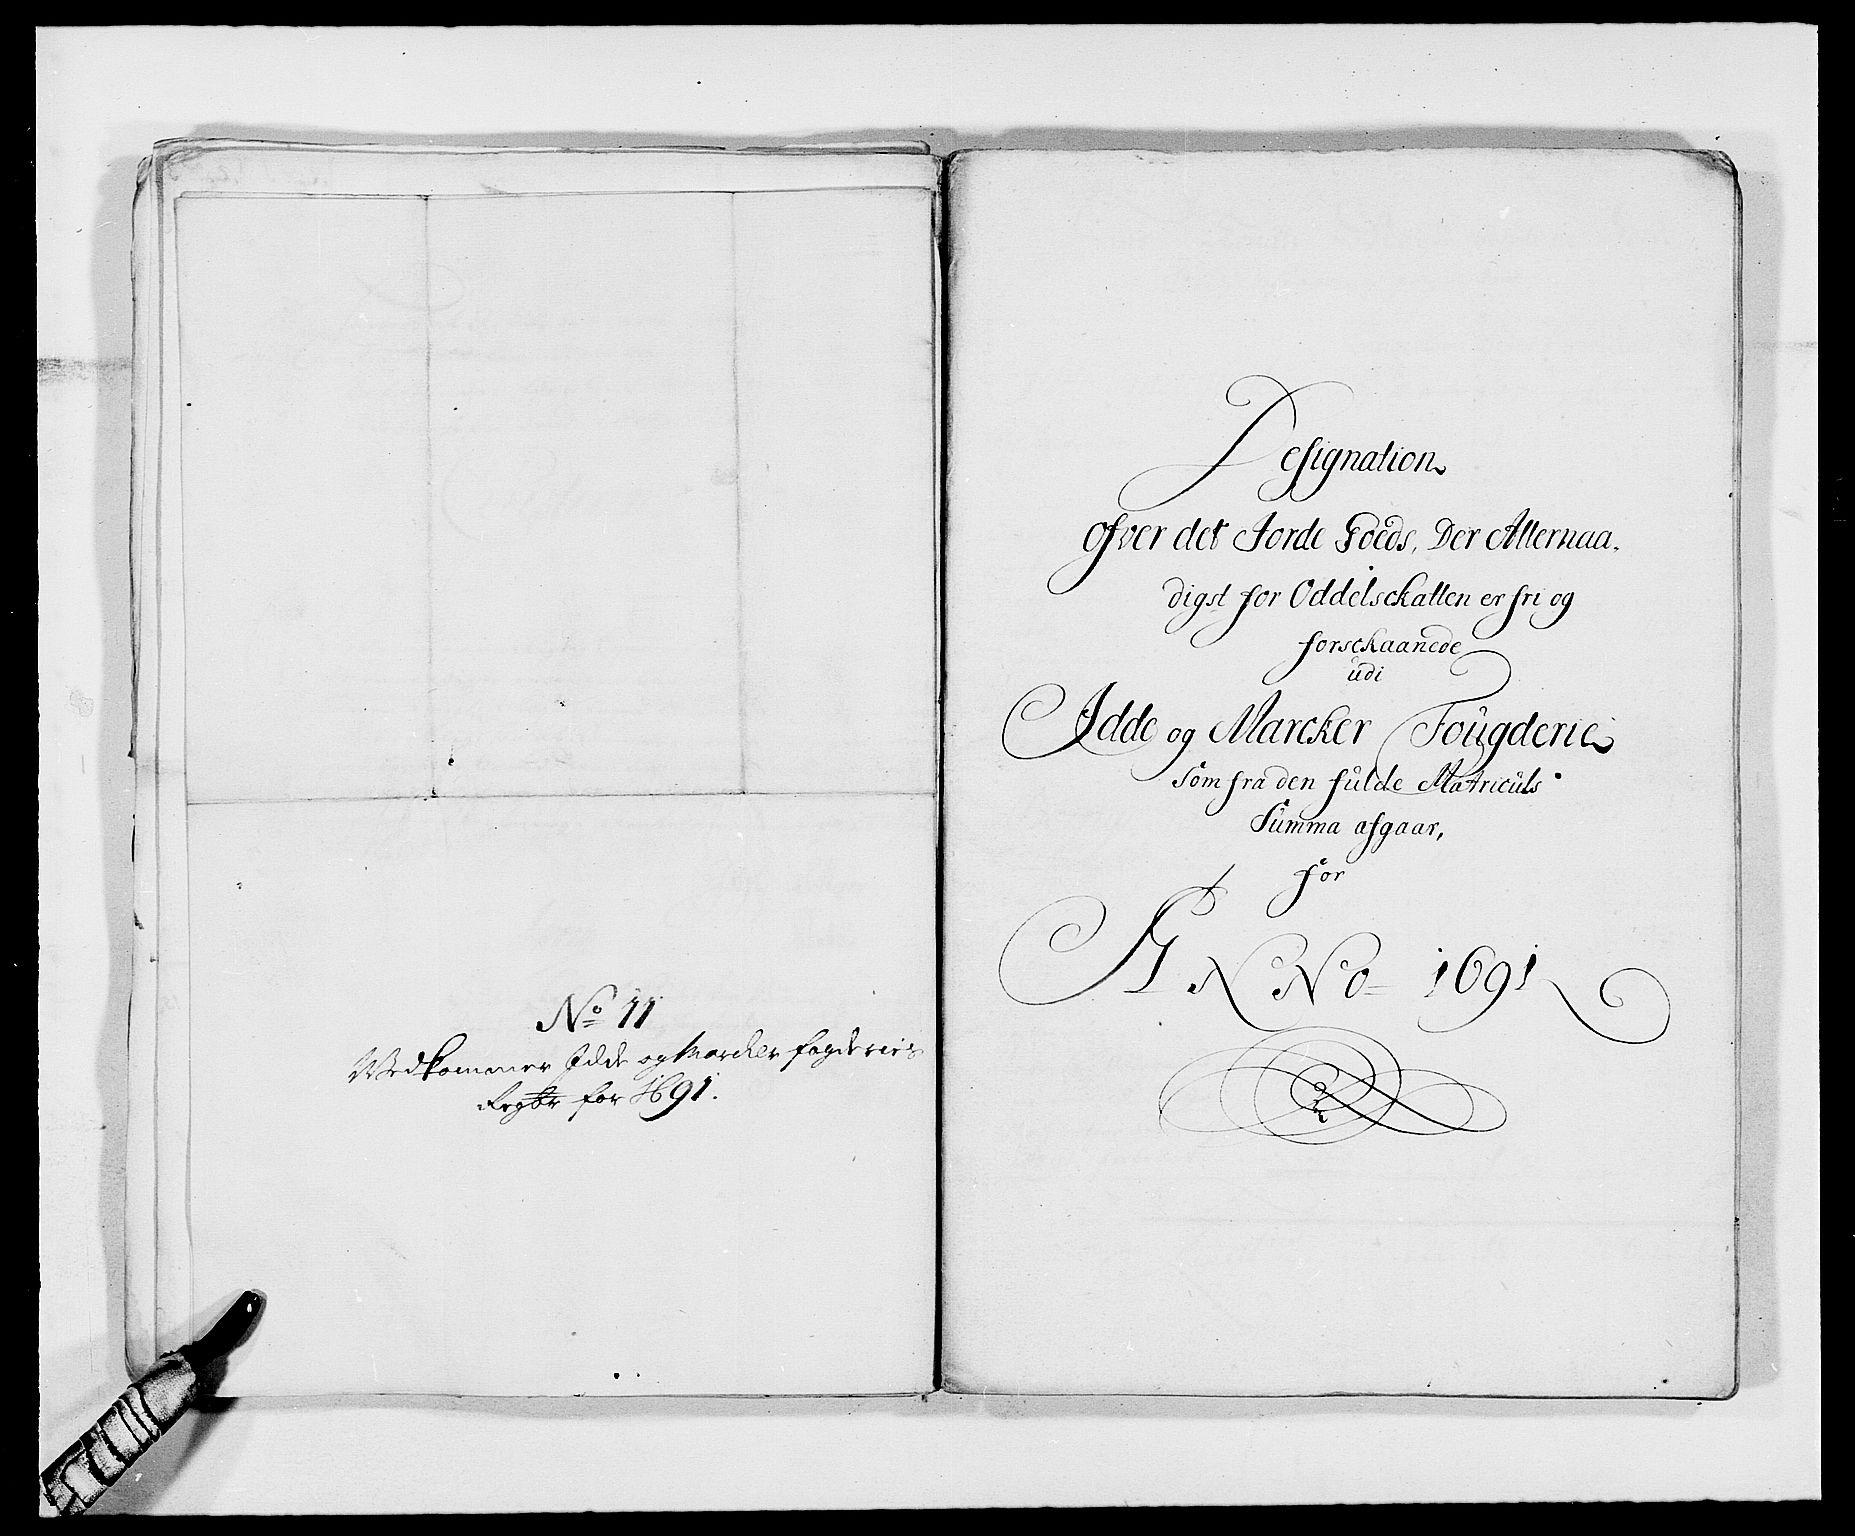 RA, Rentekammeret inntil 1814, Reviderte regnskaper, Fogderegnskap, R01/L0010: Fogderegnskap Idd og Marker, 1690-1691, s. 86